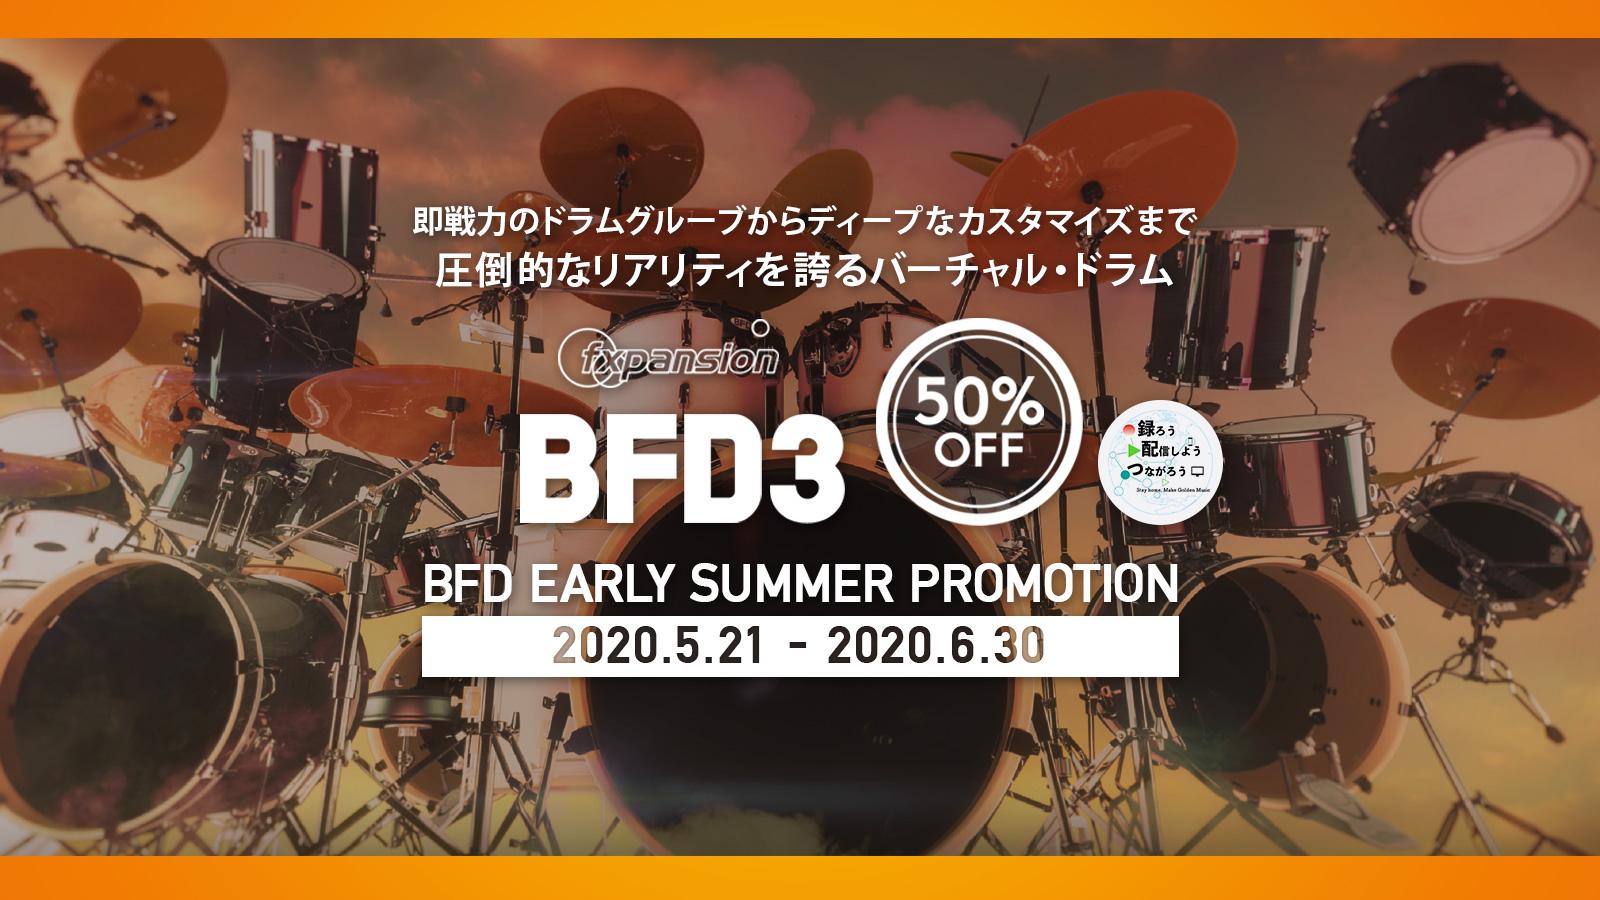 【50%OFF】大人気生ドラム音源 BFD3がアーリーサマーセール中!